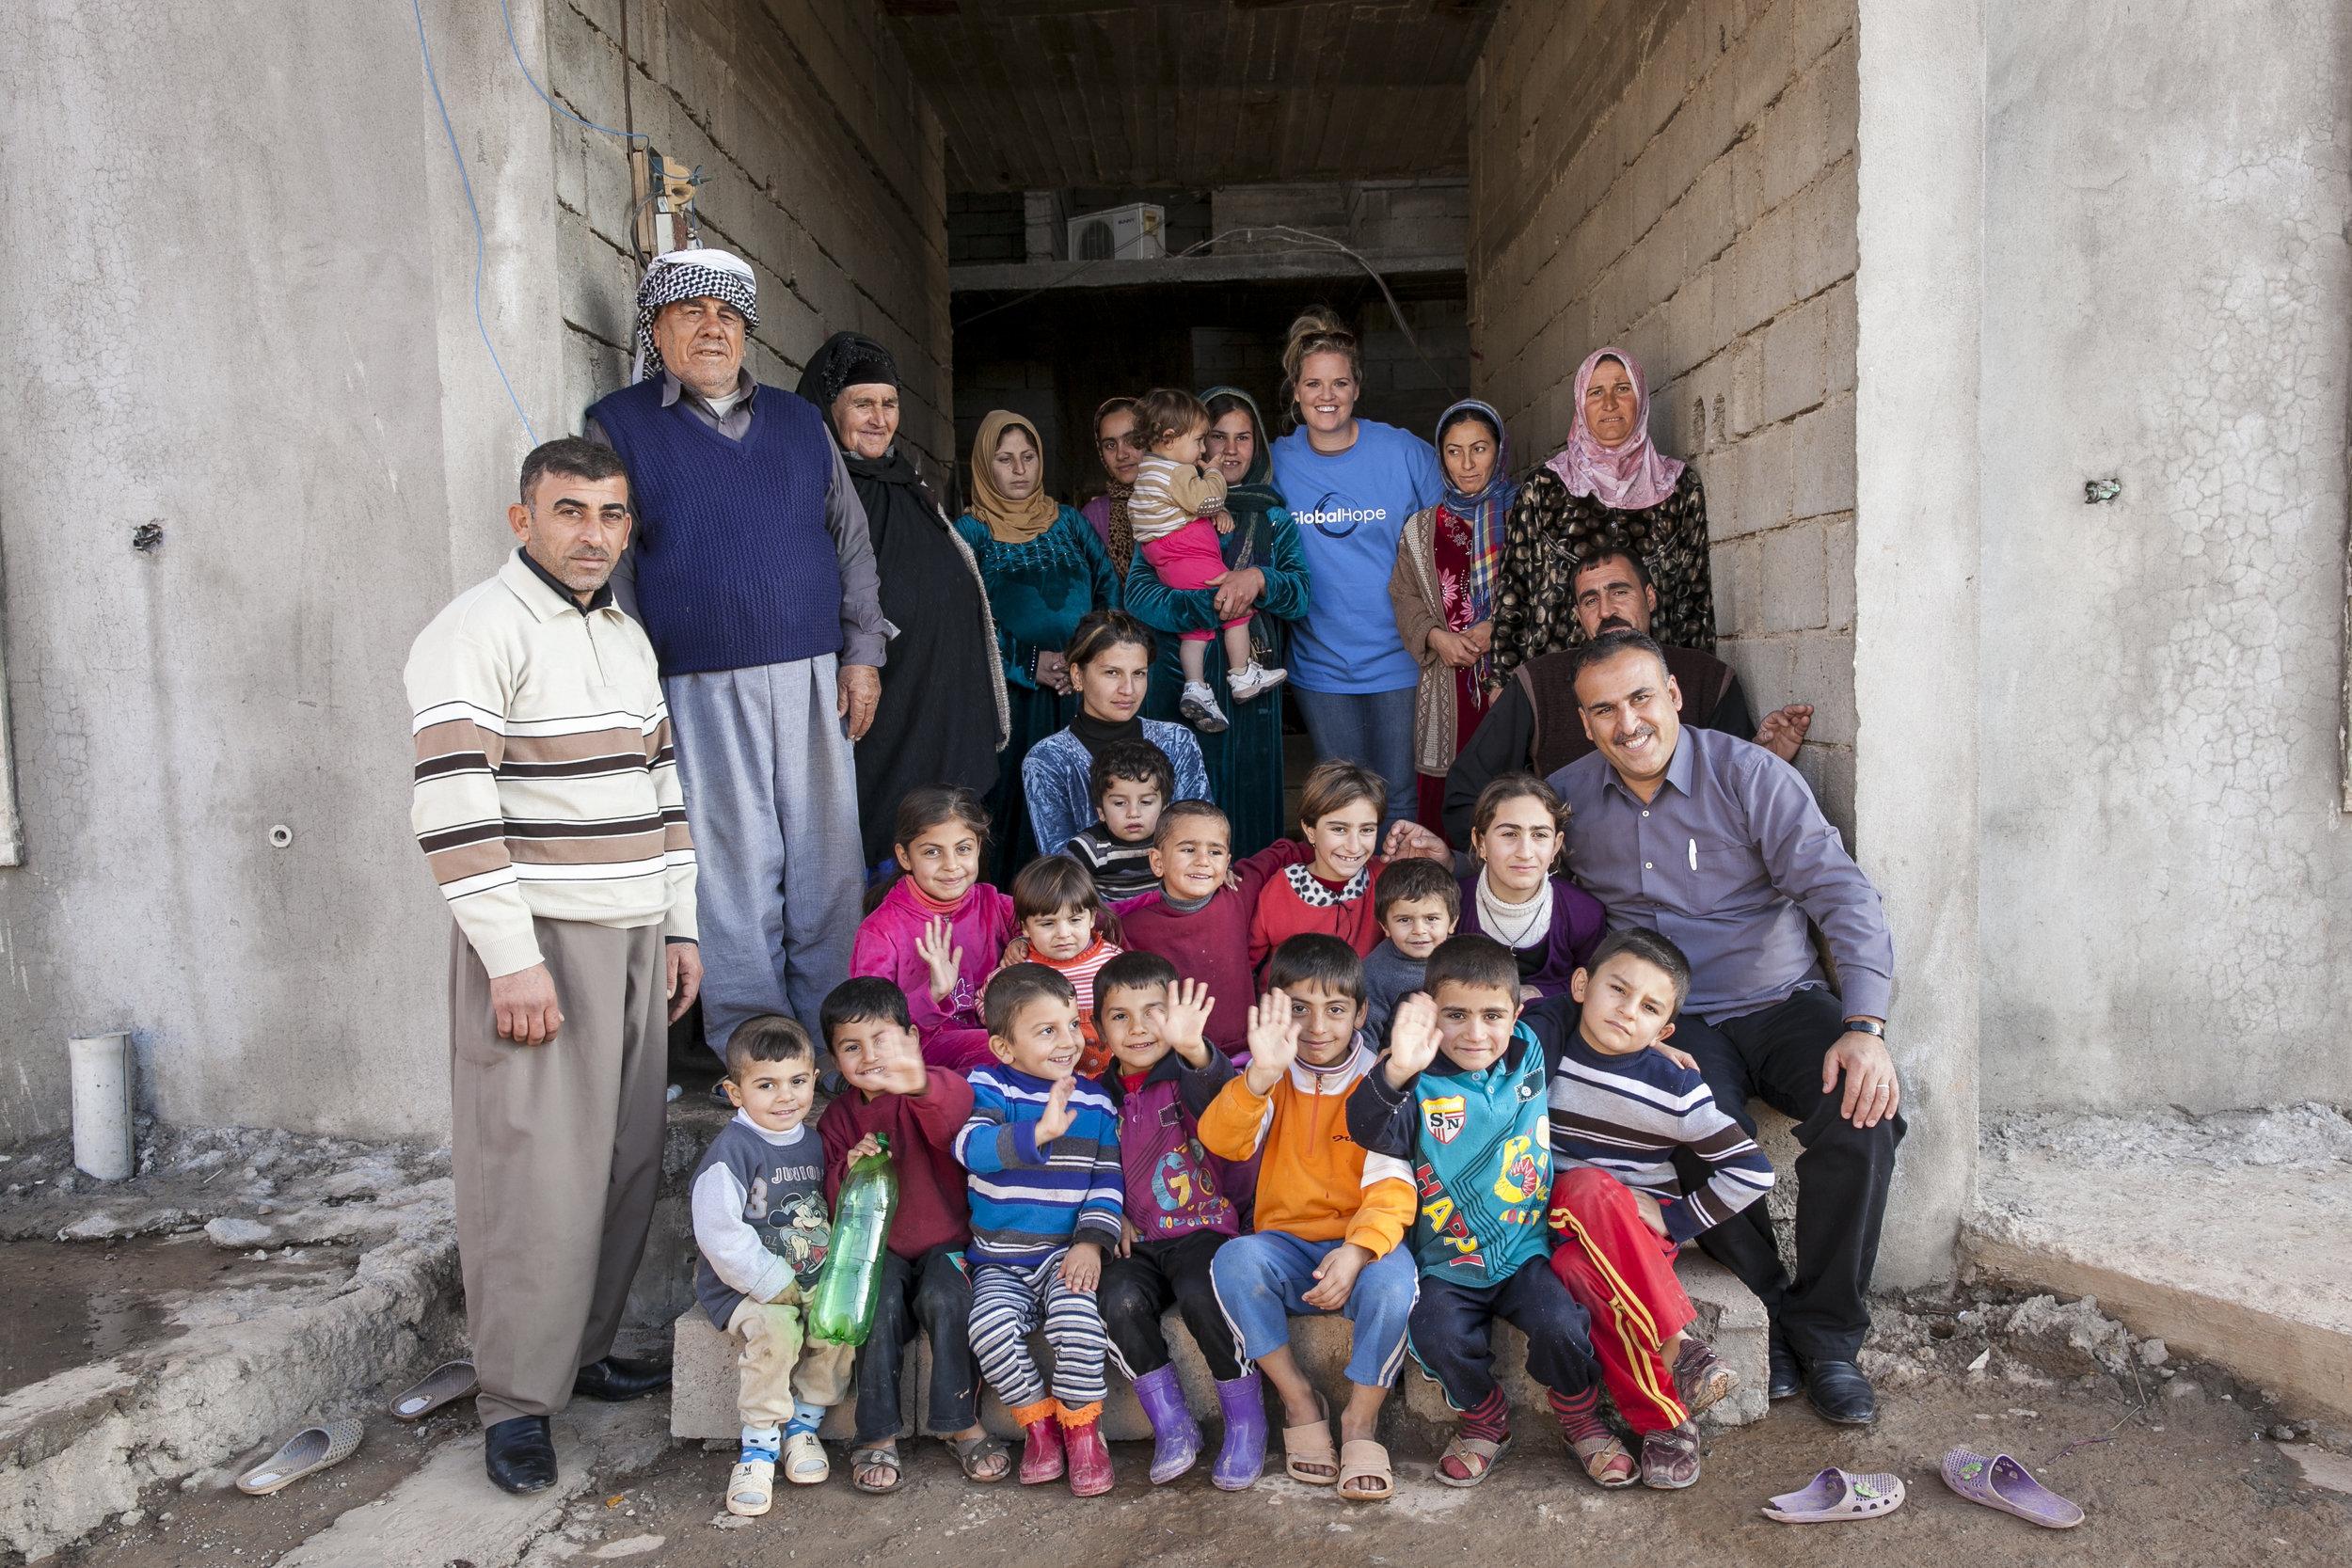 20141205_Refugee_GH_0430.jpg